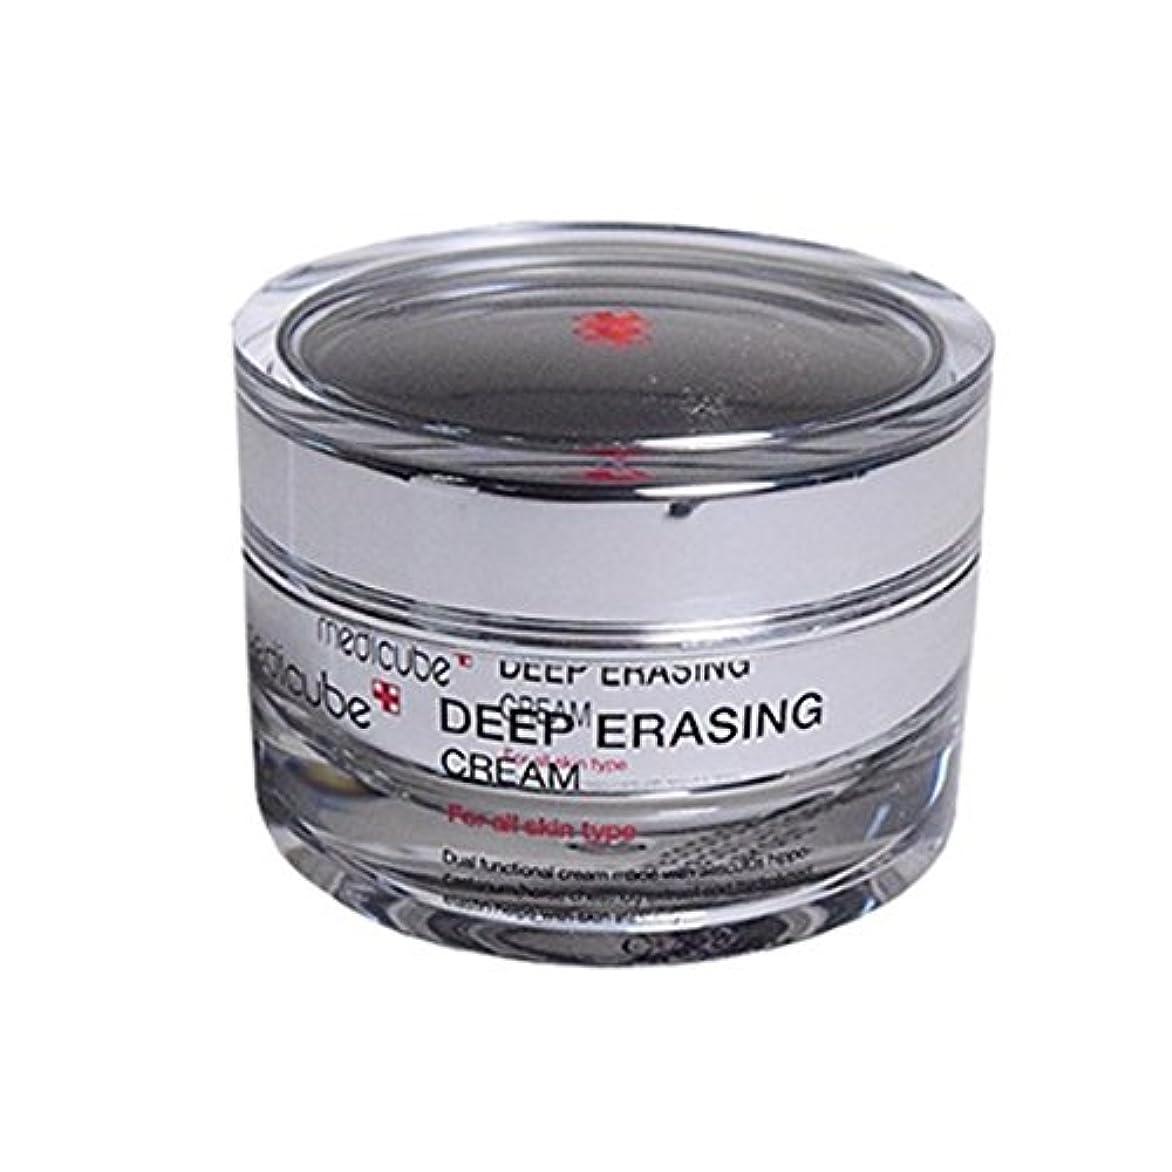 ペルー引き付ける無メディキューブ?ディップイレイジンクリーム50ml、Medicube Deep Erasing Cream 50ml [並行輸入品]